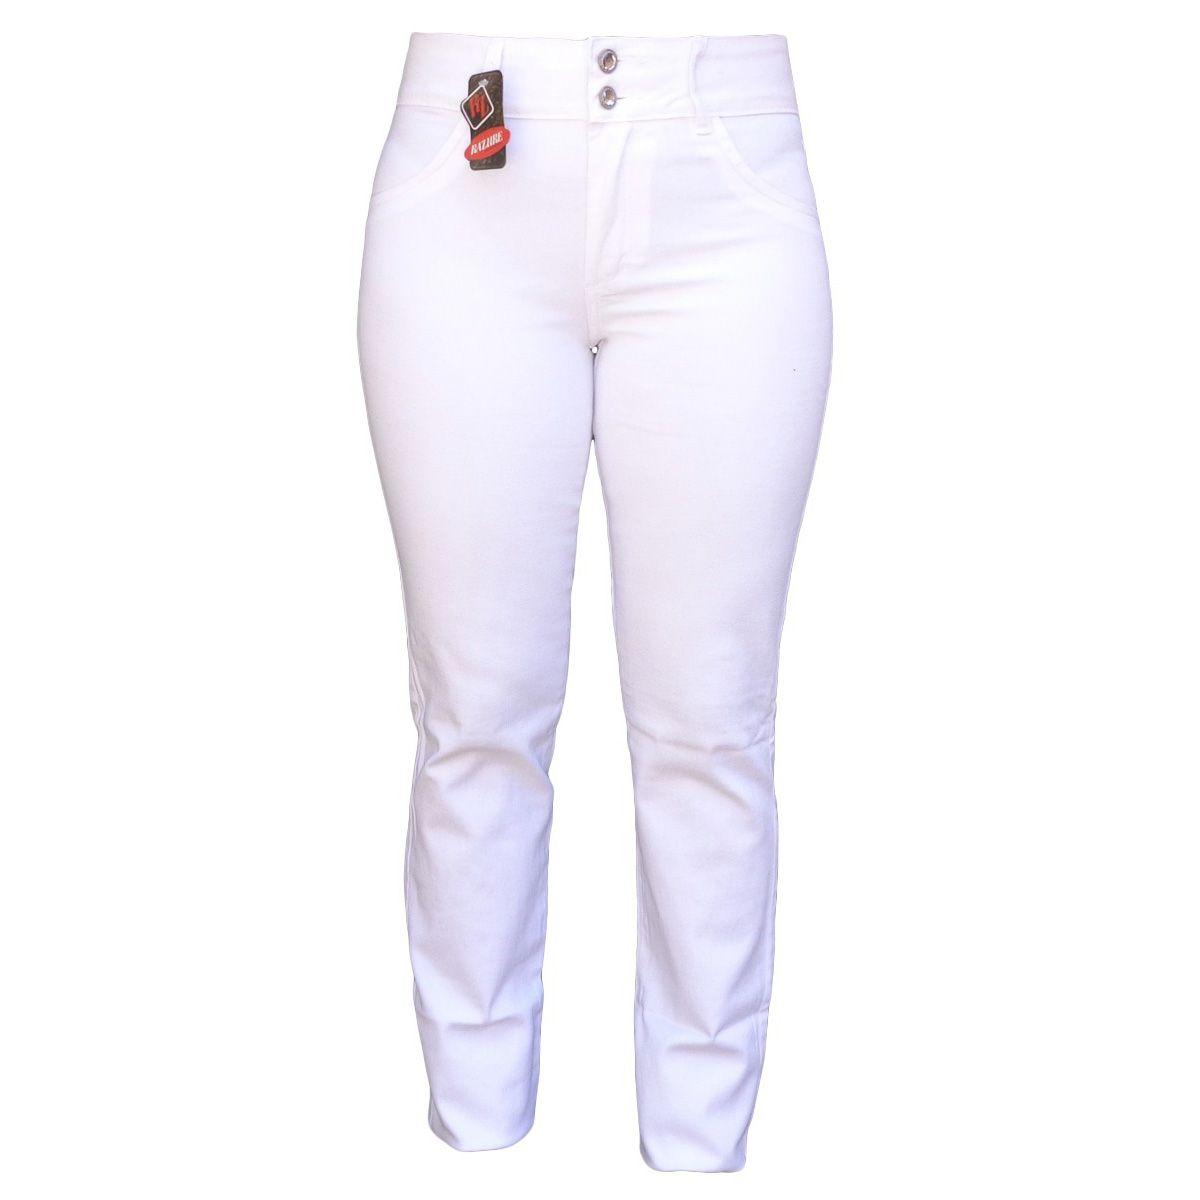 Calça Feminina Branca Cintura Alta Plus Size